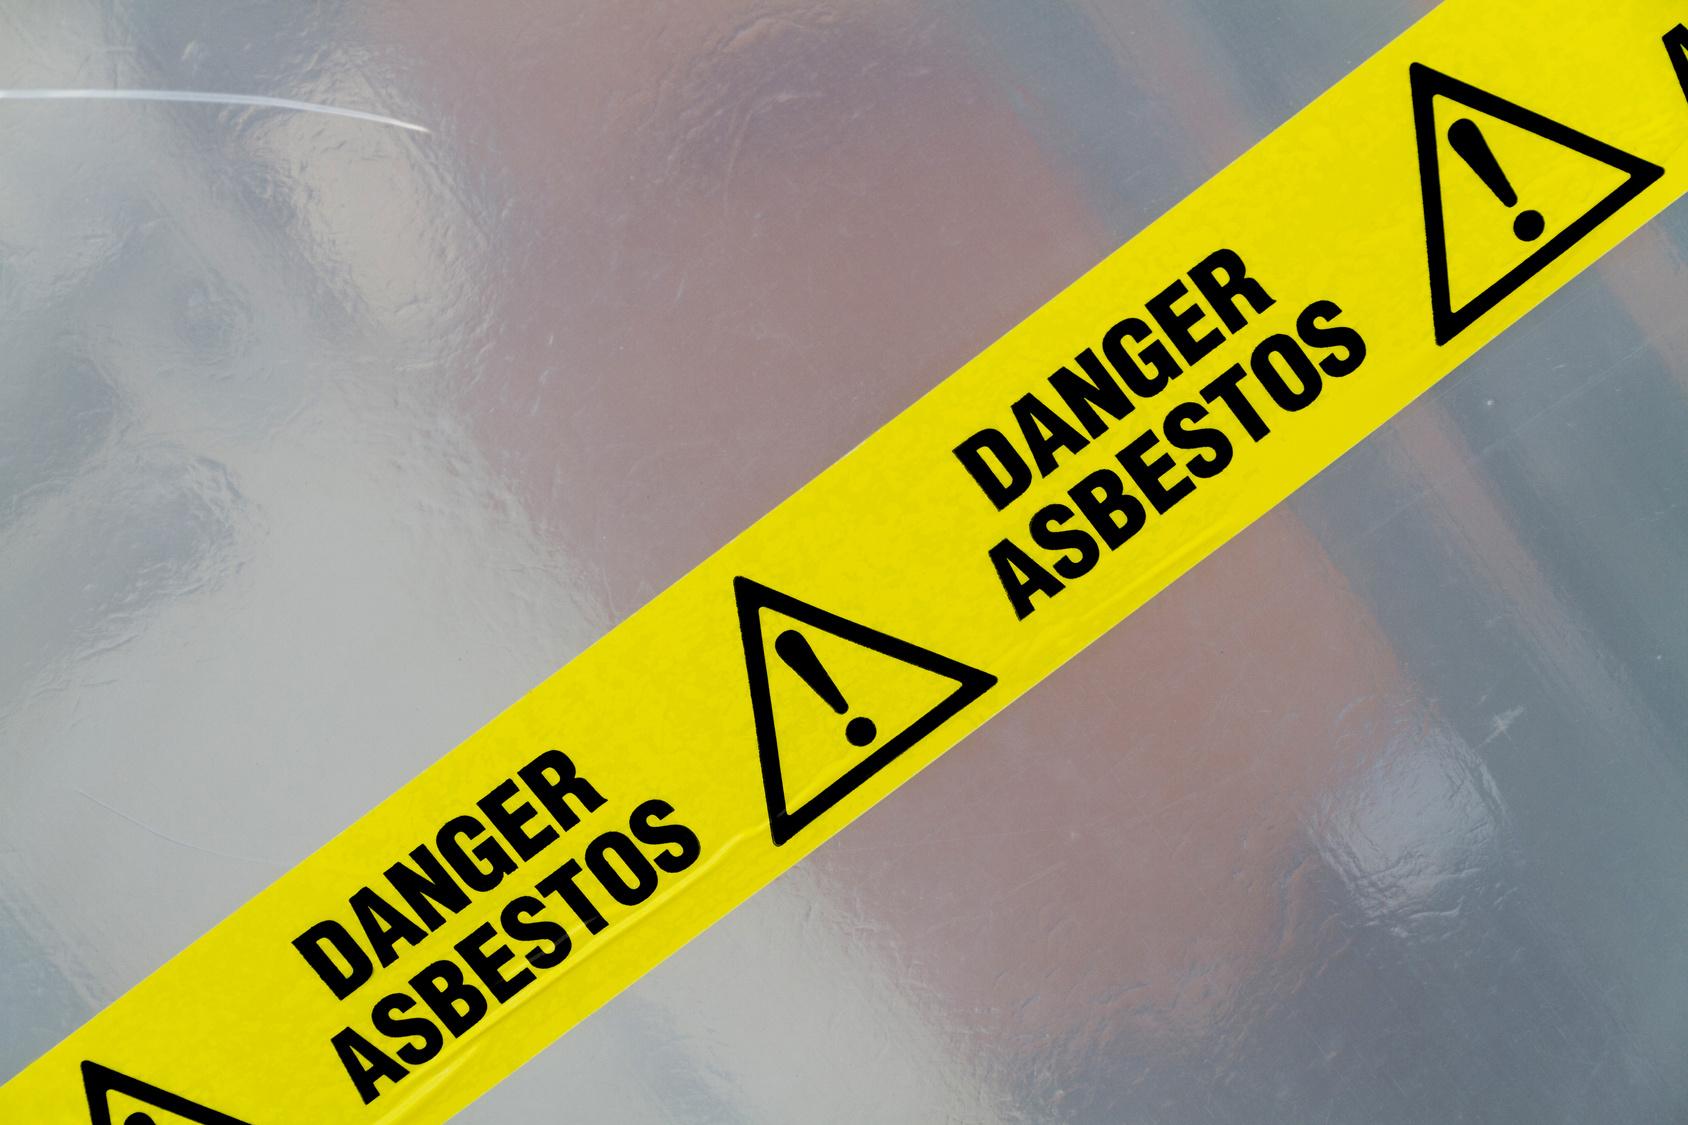 Danger Asbestos yellow warning tape close up